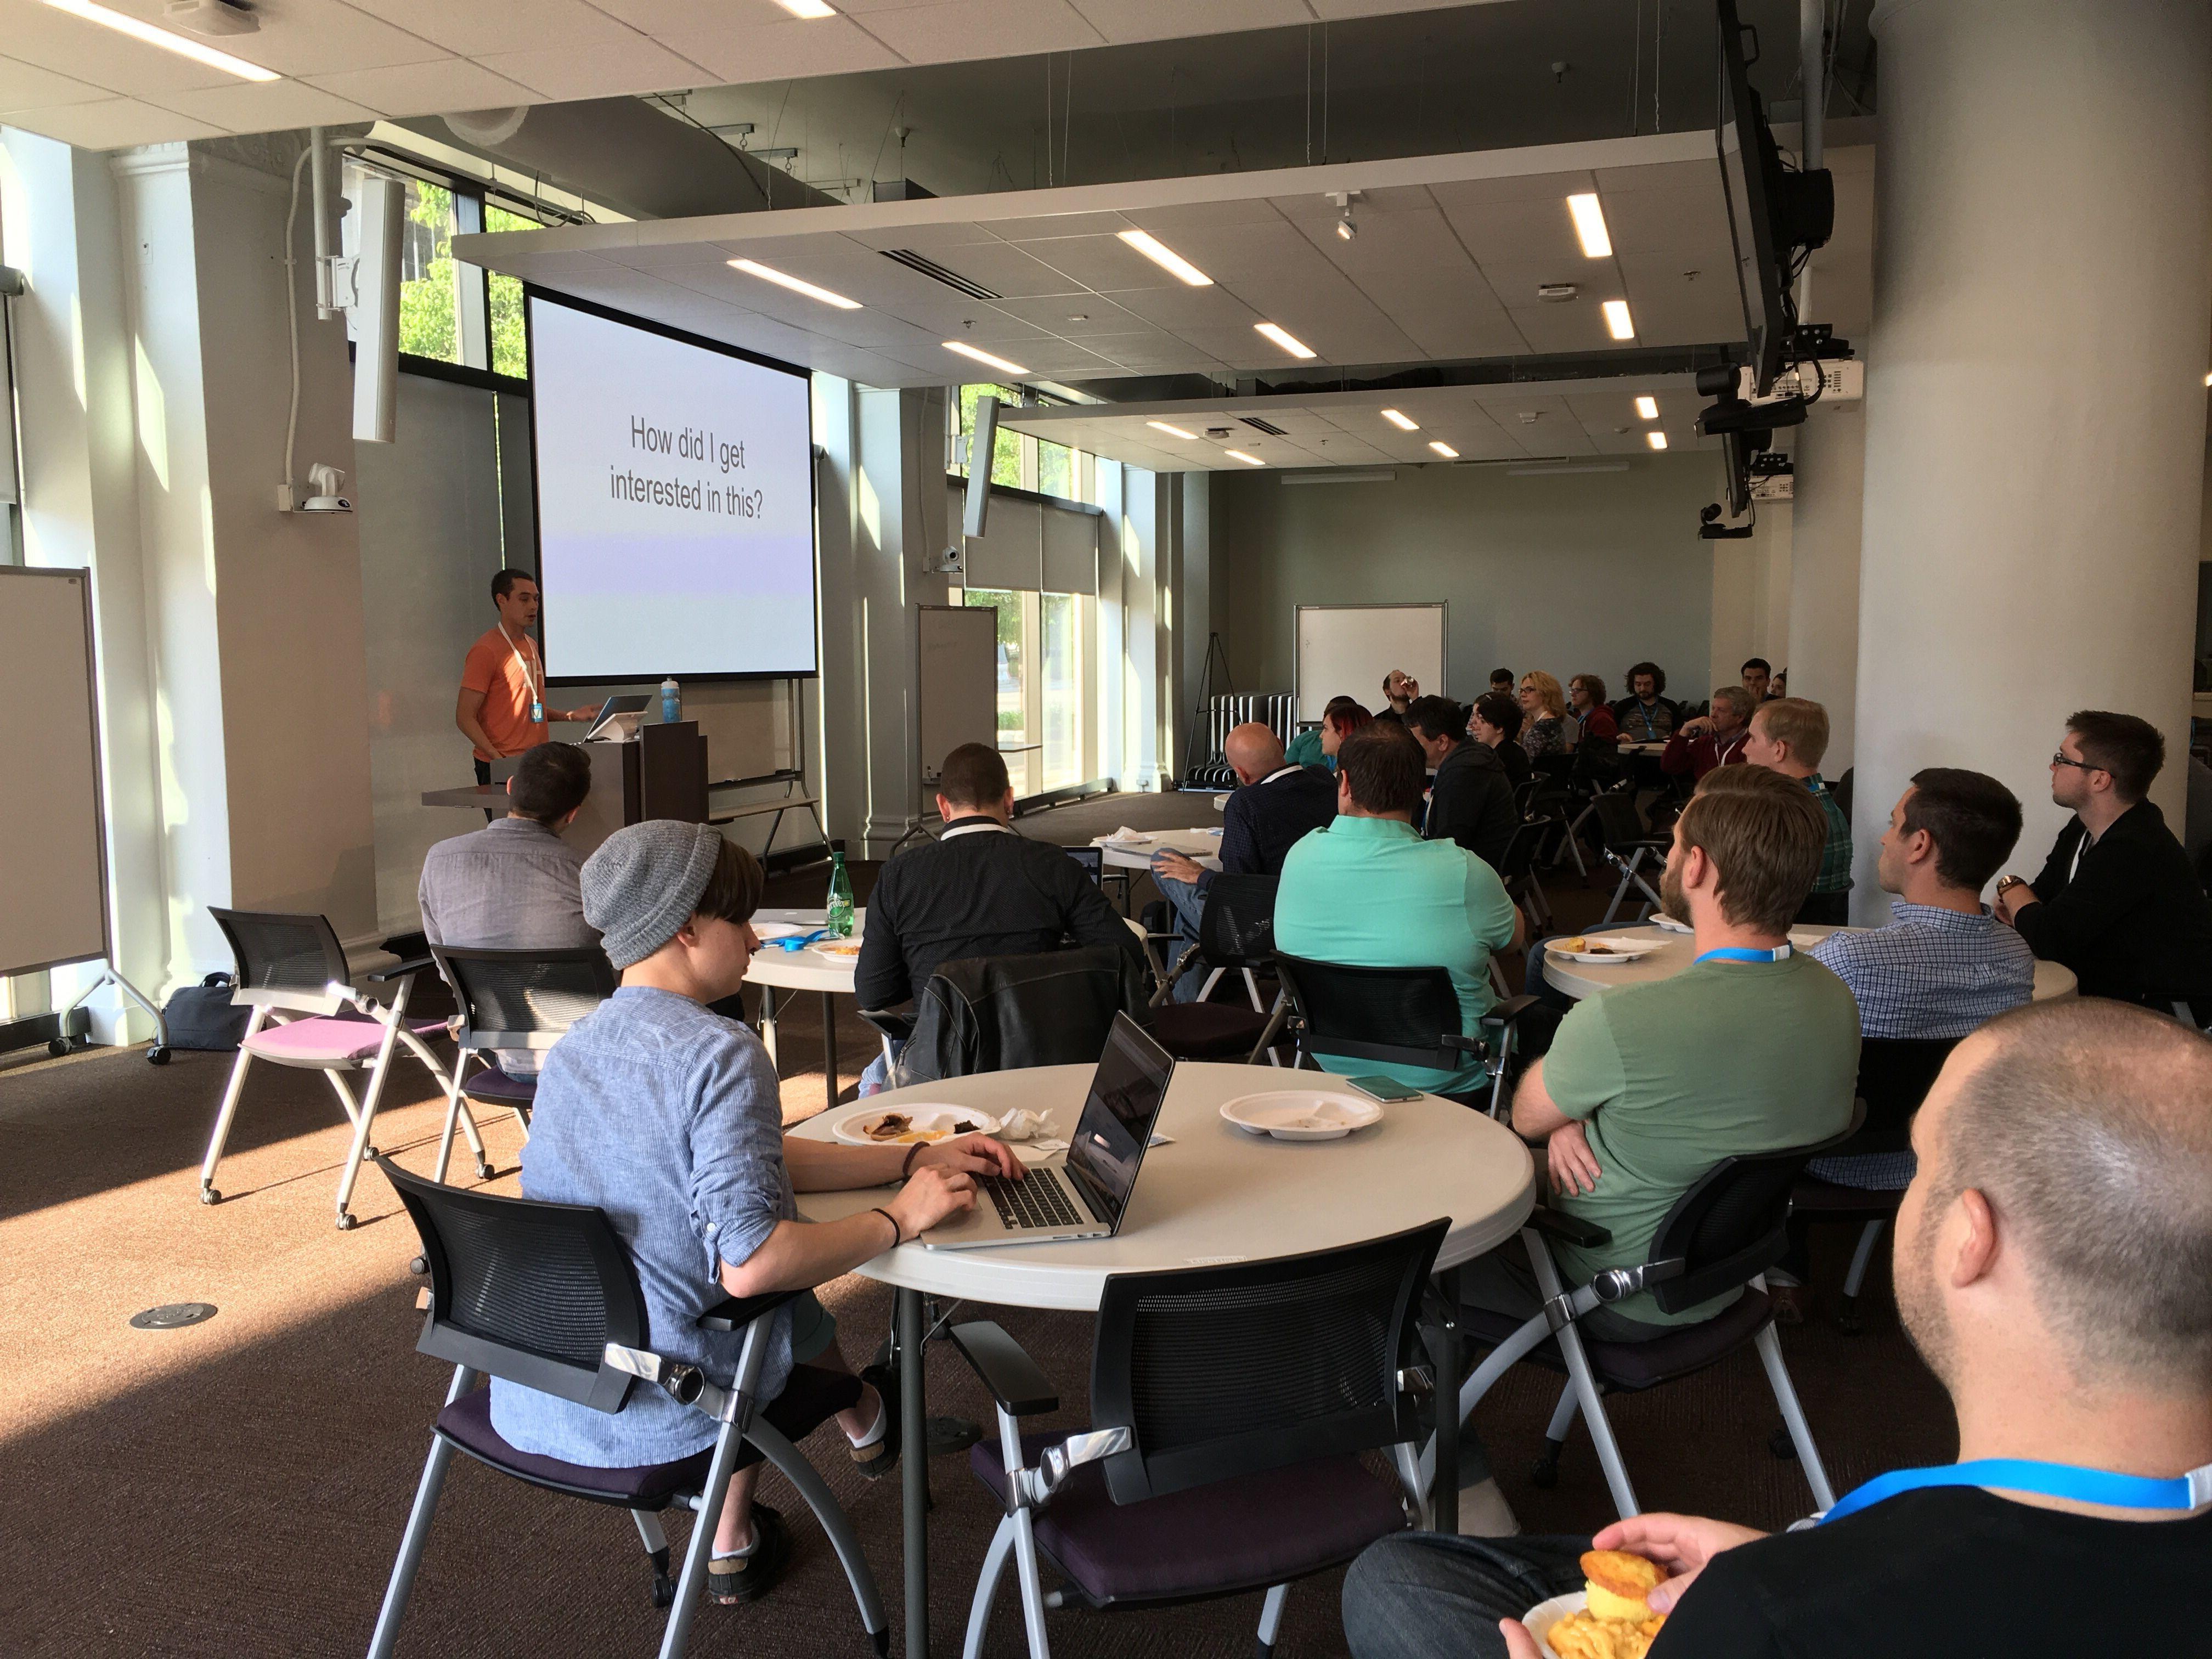 Indy.js : Indy JavaScript Society